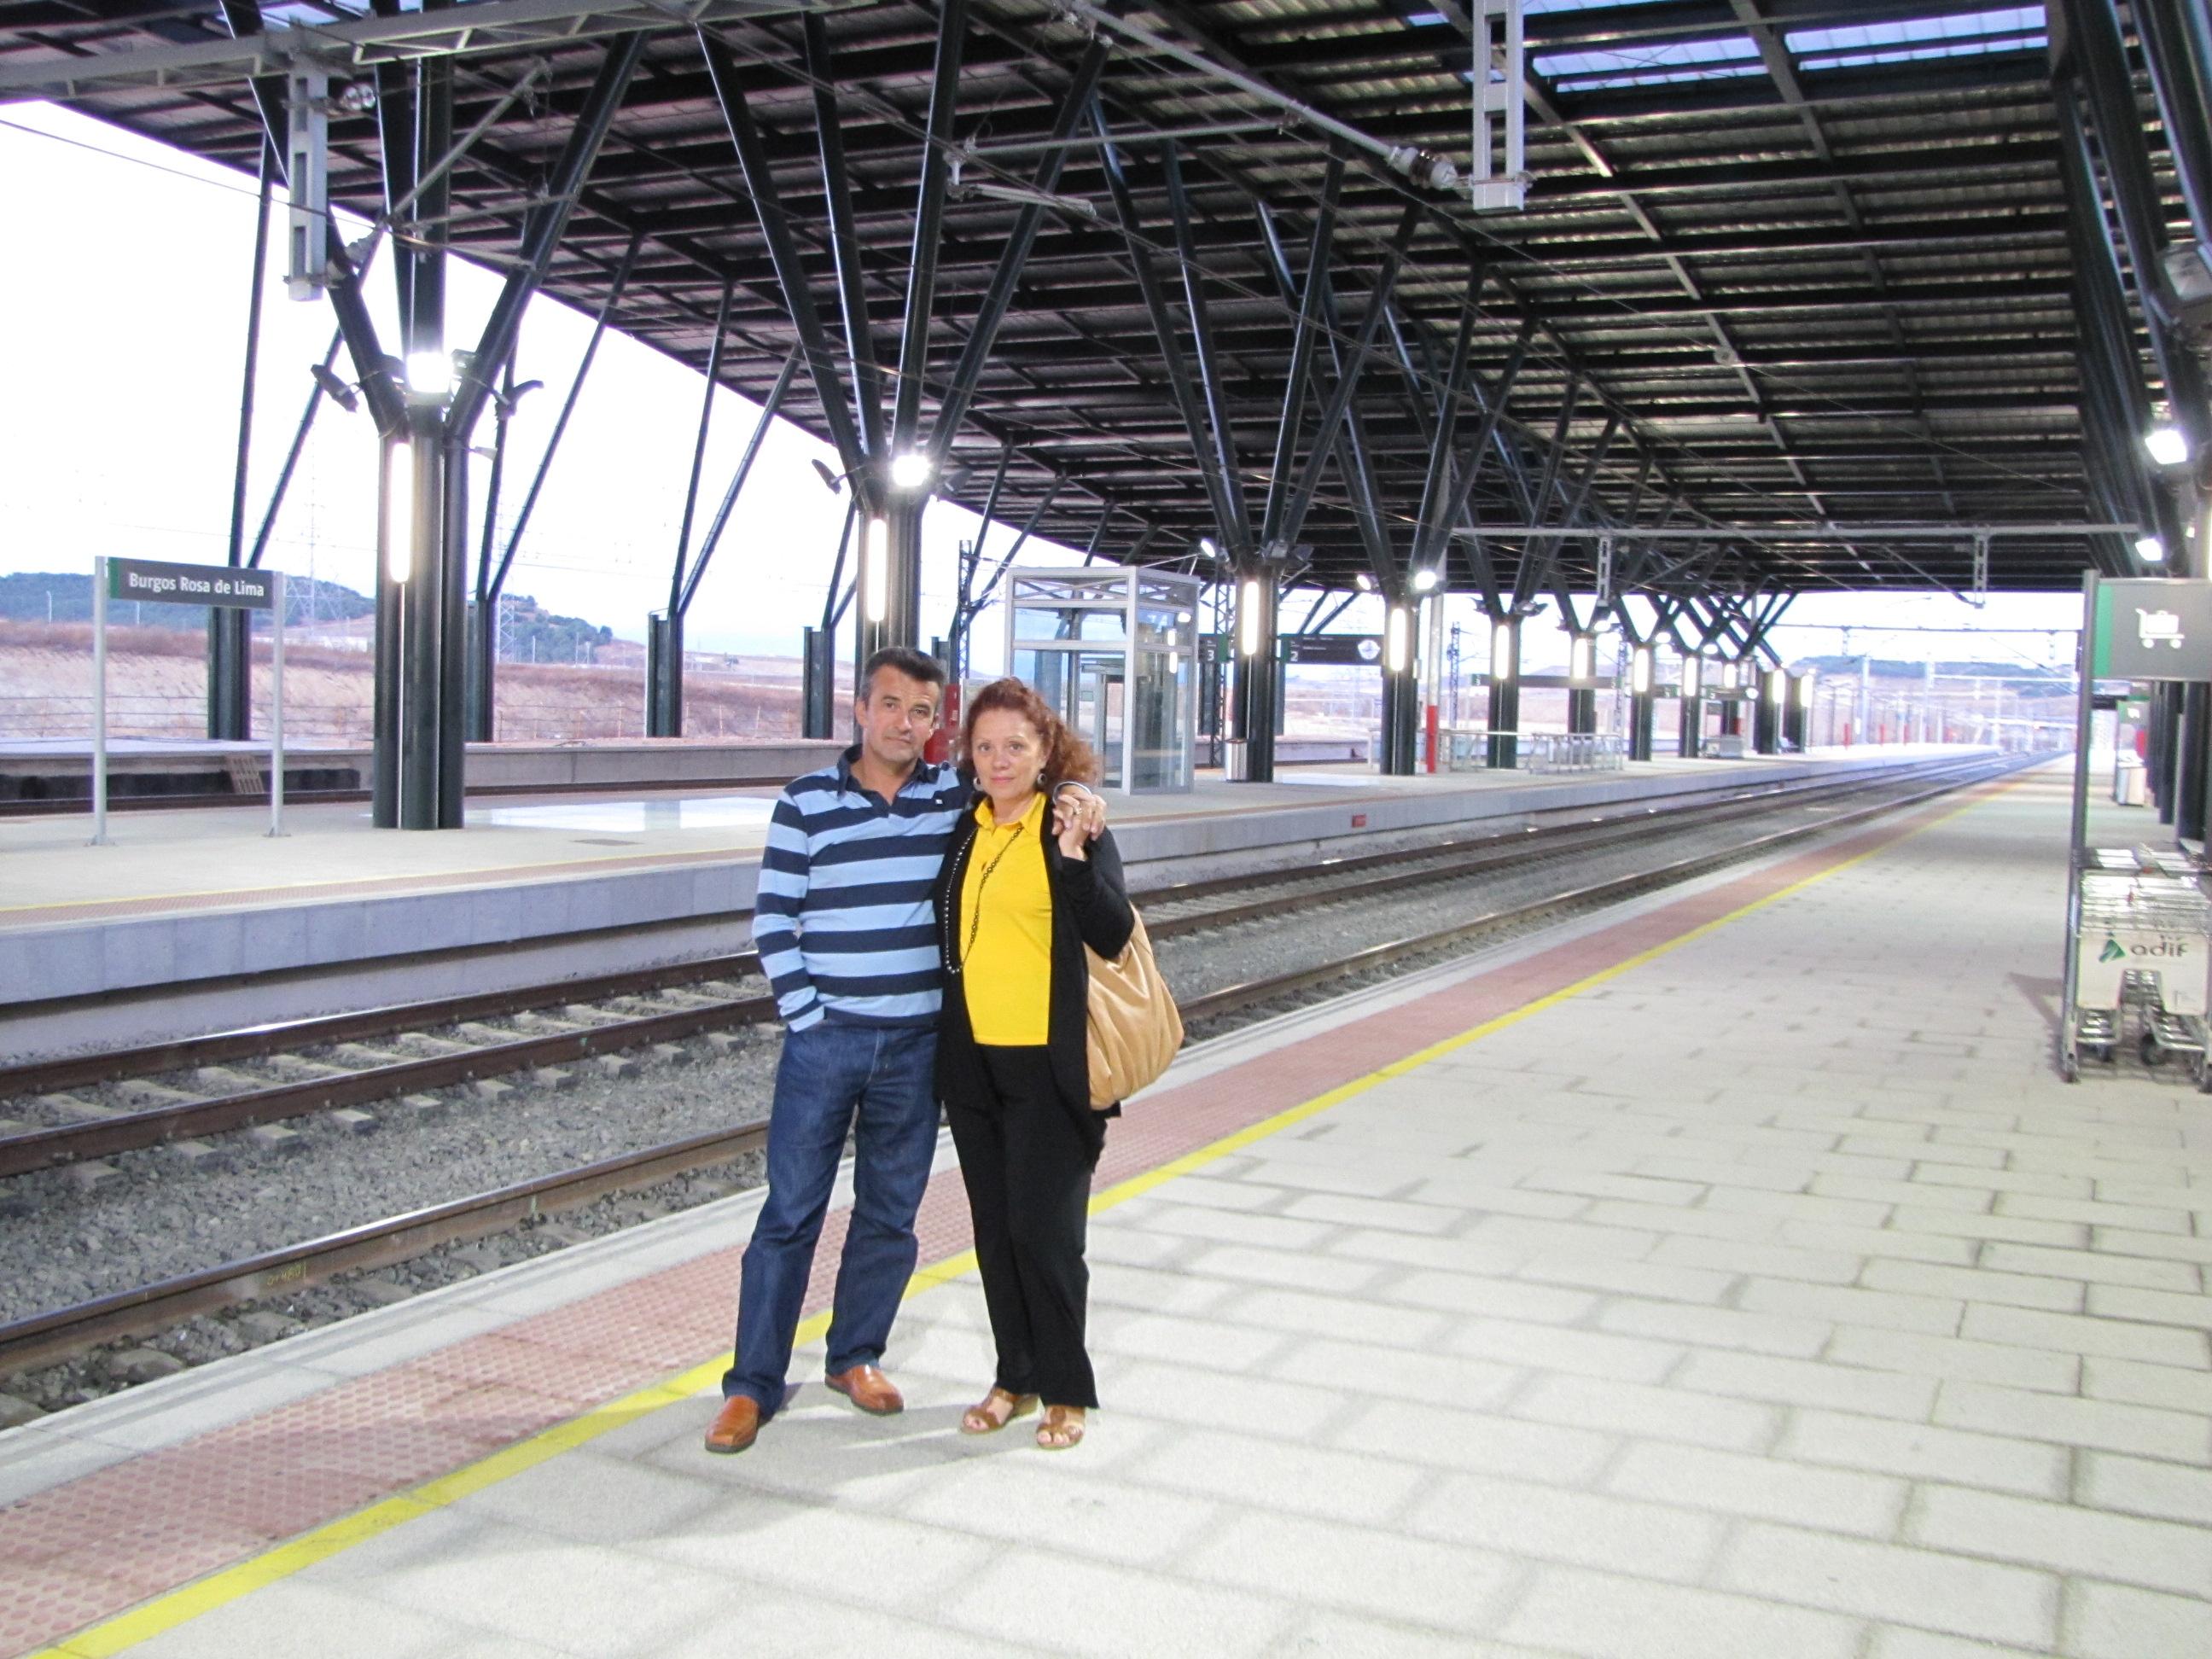 Nueva Estación del Ave - Burgos Rosa de Lima